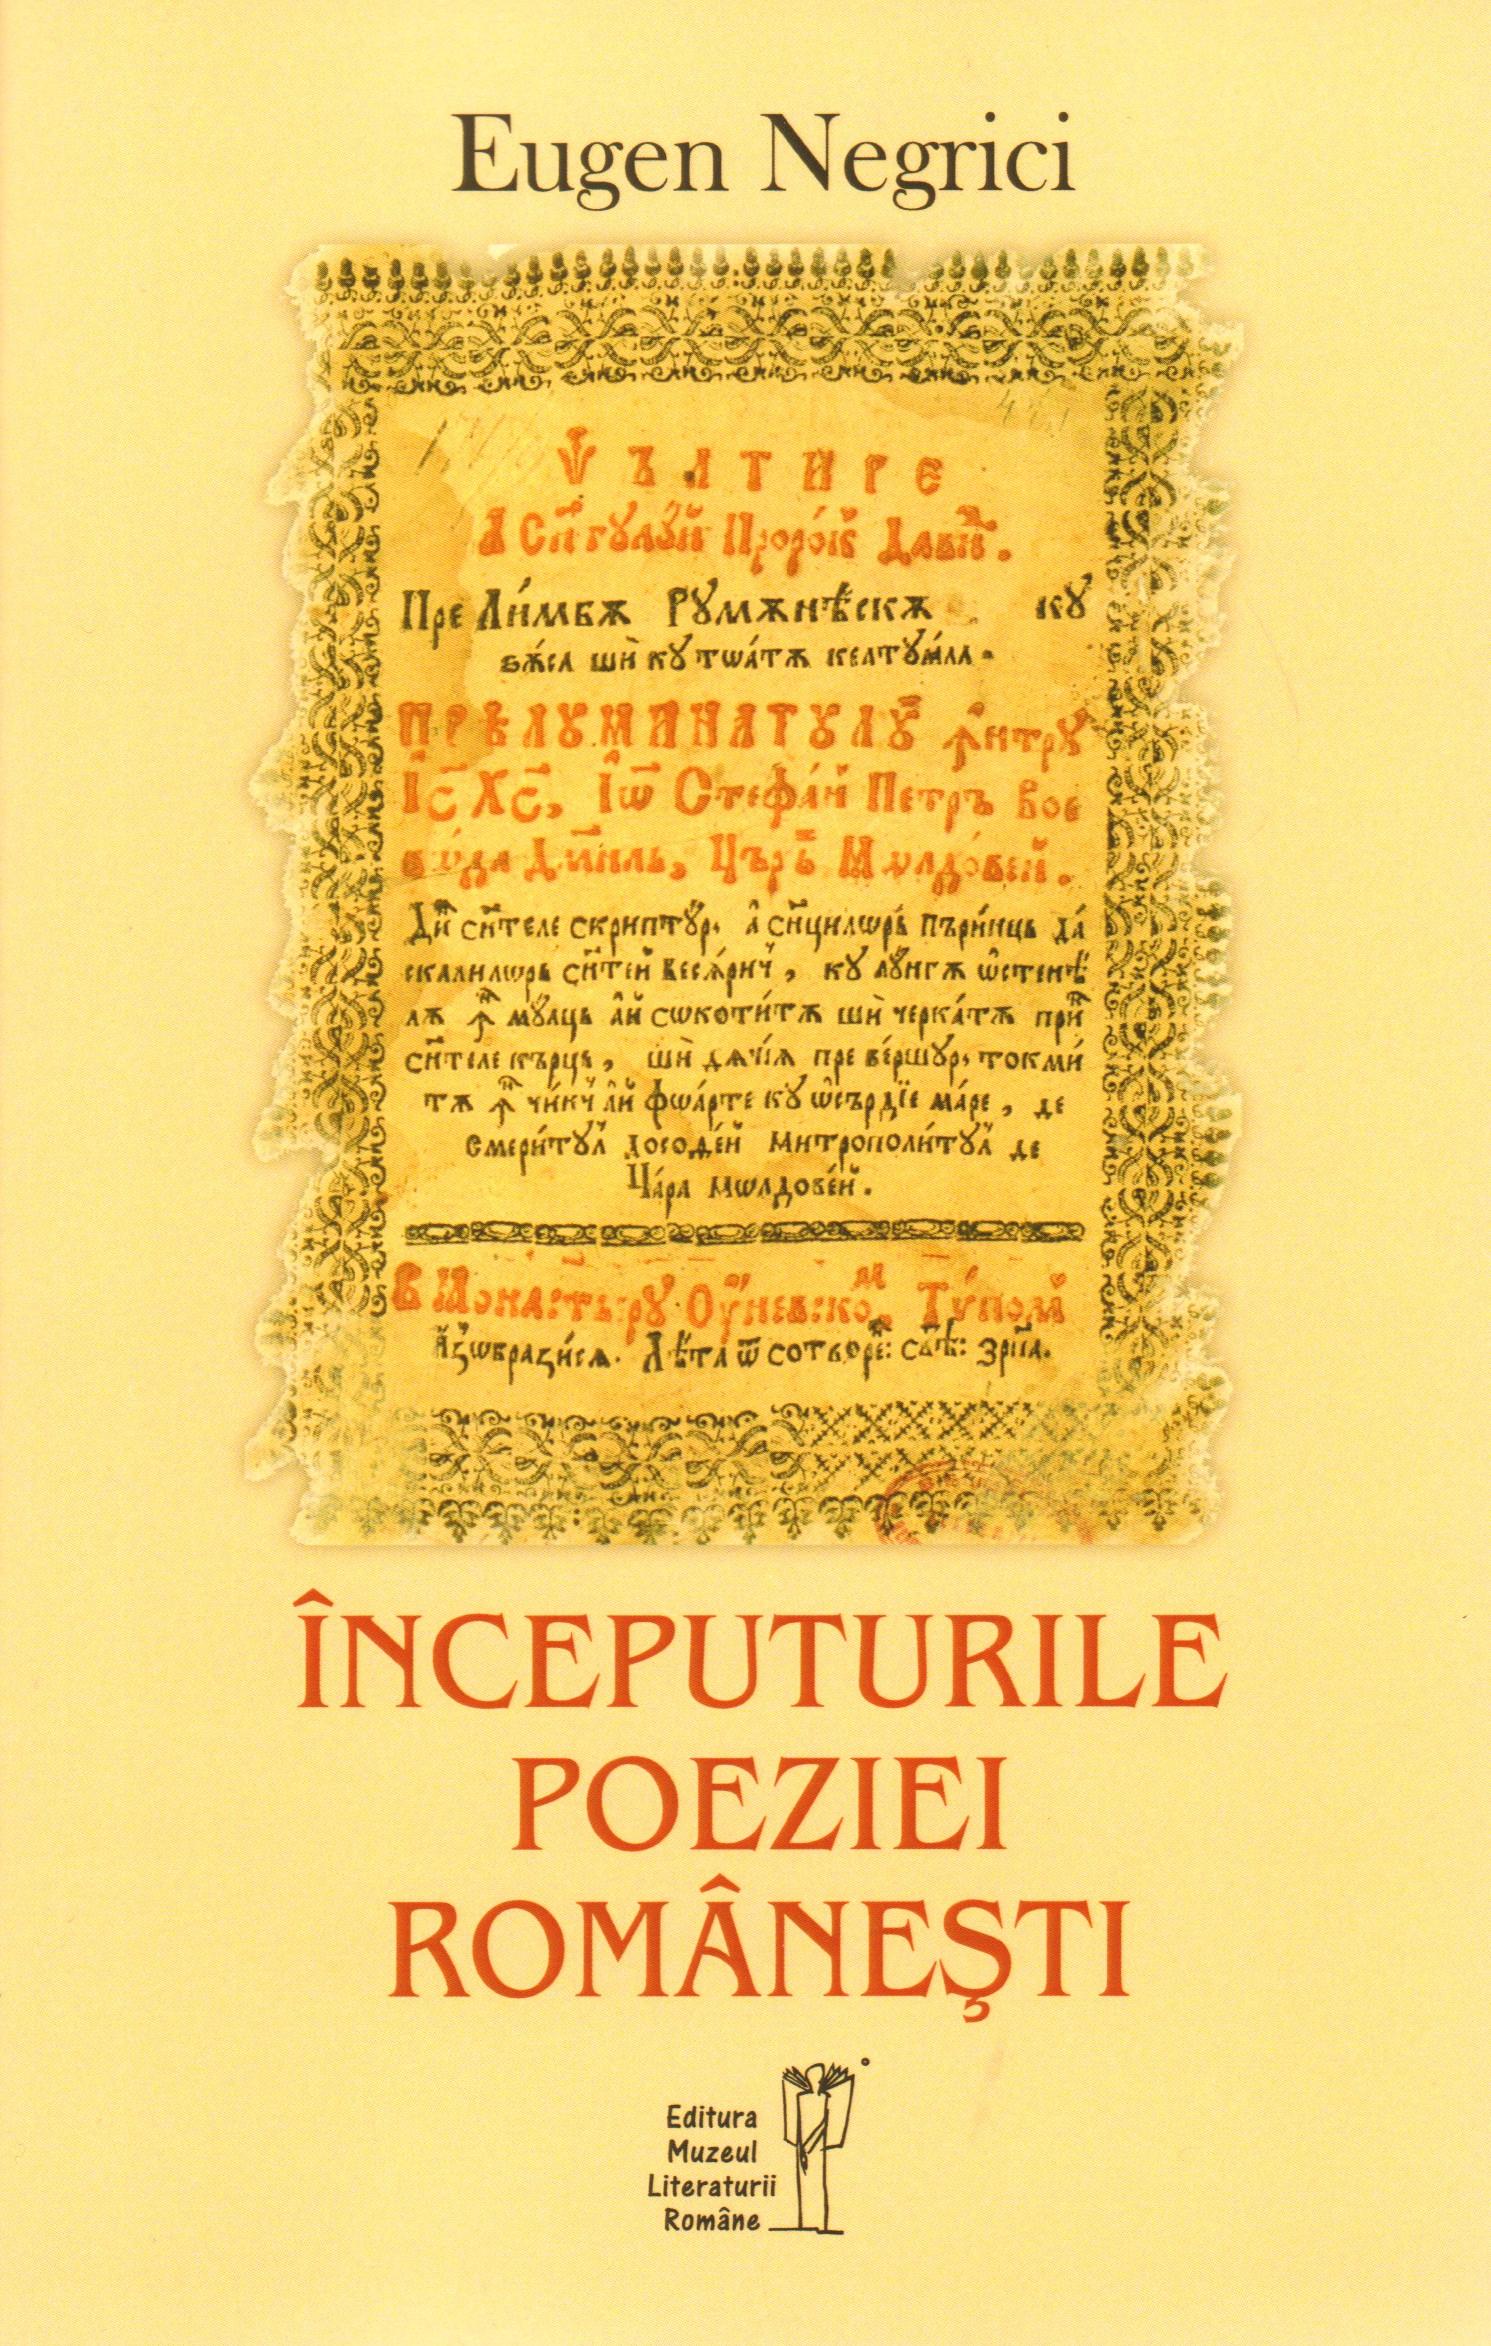 Eugen Negrici – Începuturile poeziei românești – Editura MLR – Muzeul Literaturii Române